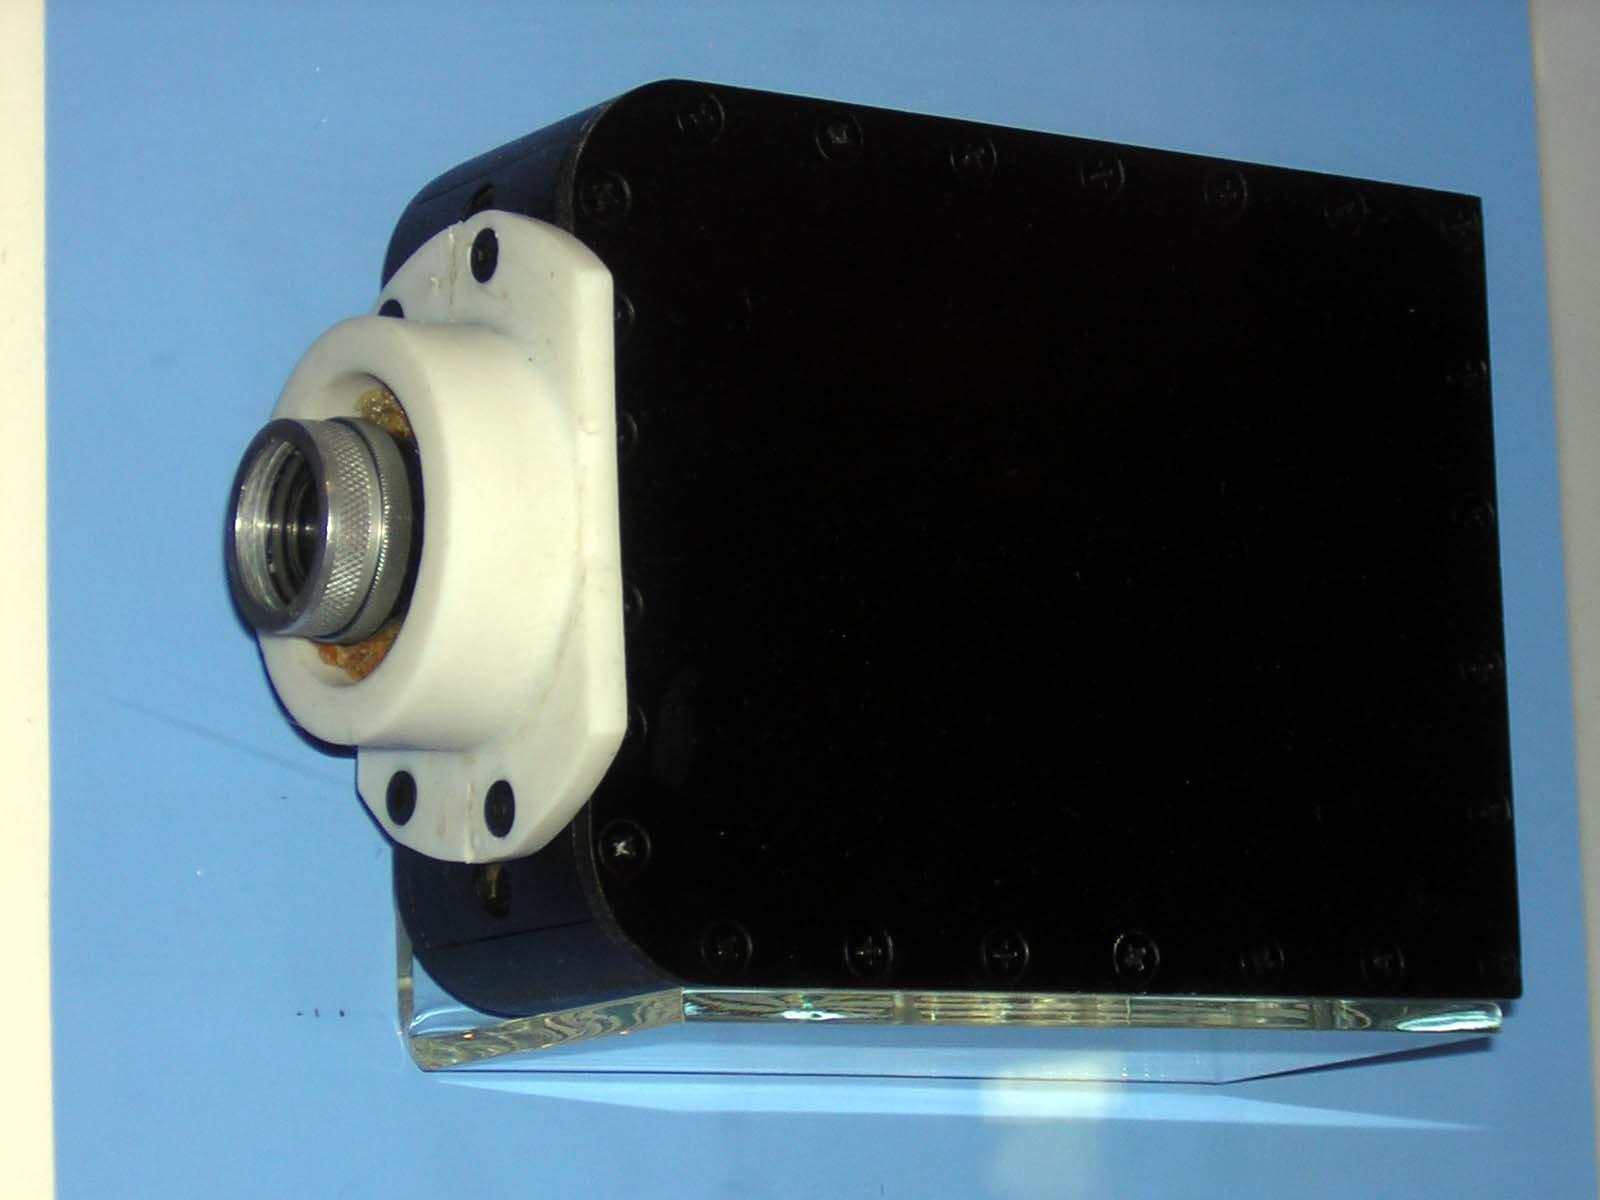 Rocket Camera : Video camera on model rocket